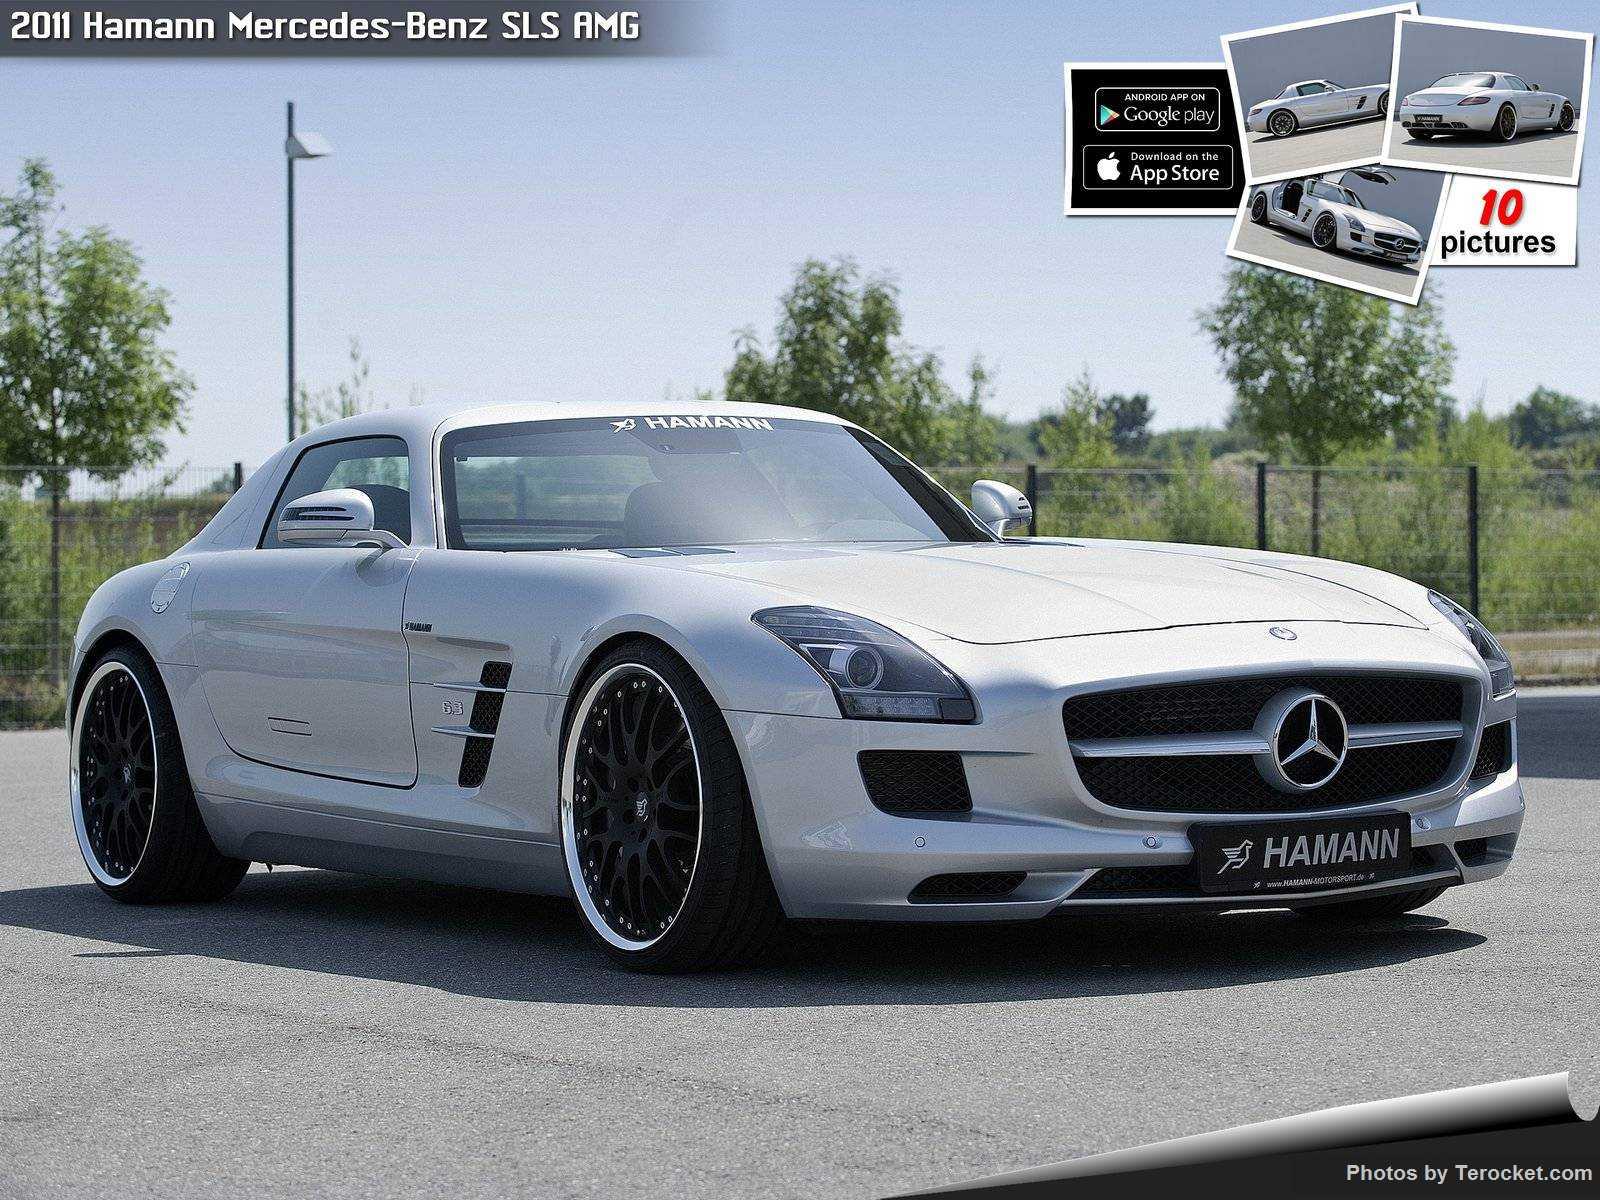 Hình ảnh xe ô tô Hamann Mercedes-Benz SLS AMG 2011 & nội ngoại thất